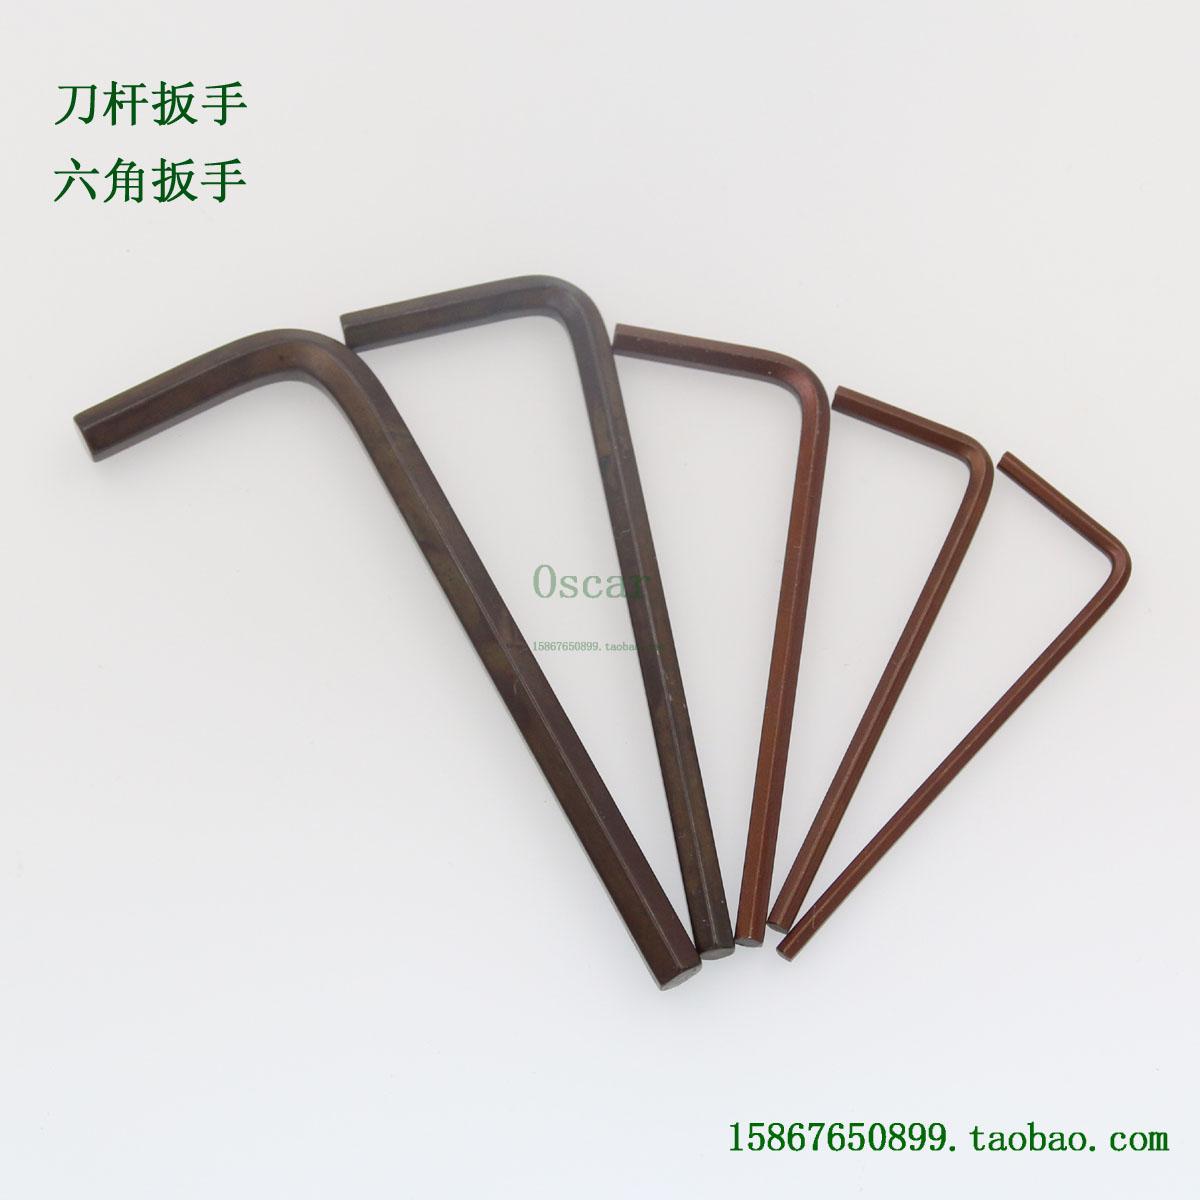 Количество контроль беседка гаечный ключ / шестиугольник гаечный ключ /L2/L2.5/L3/L4/L5